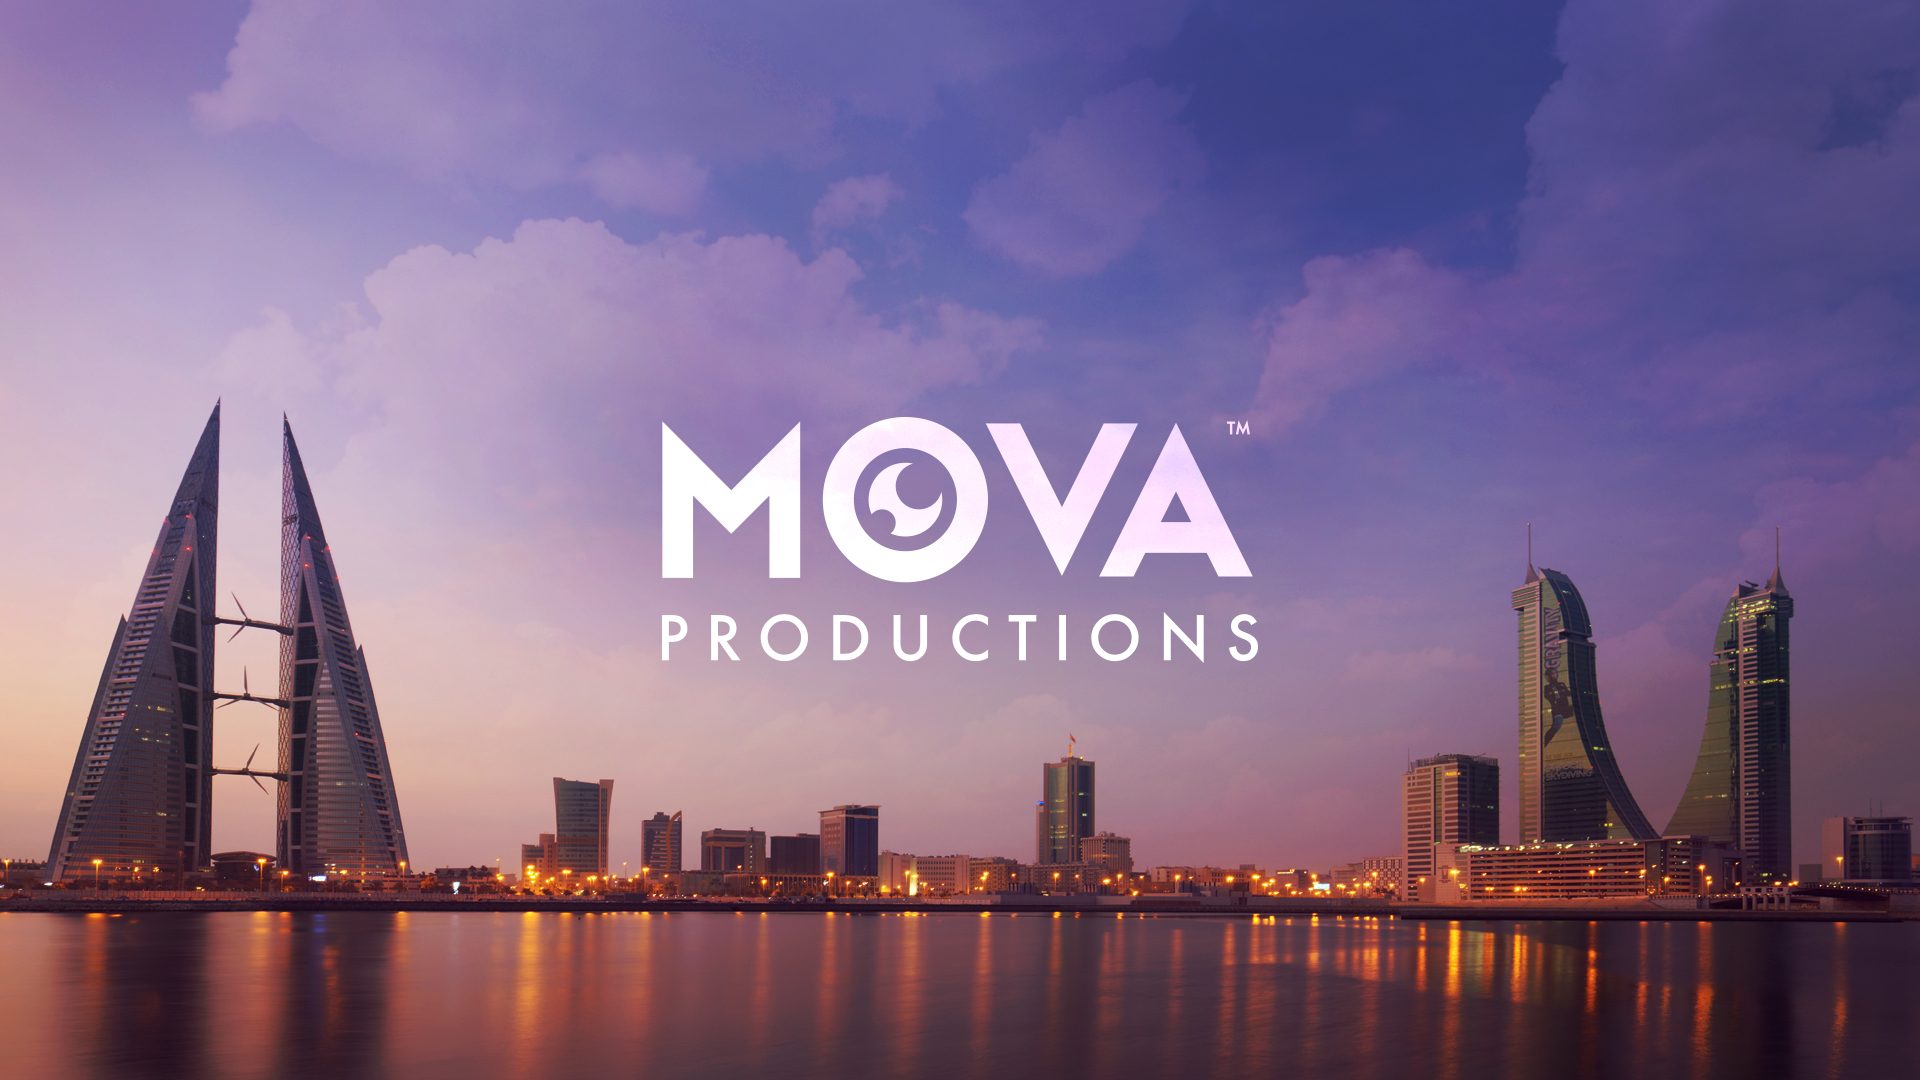 MOVA production logo